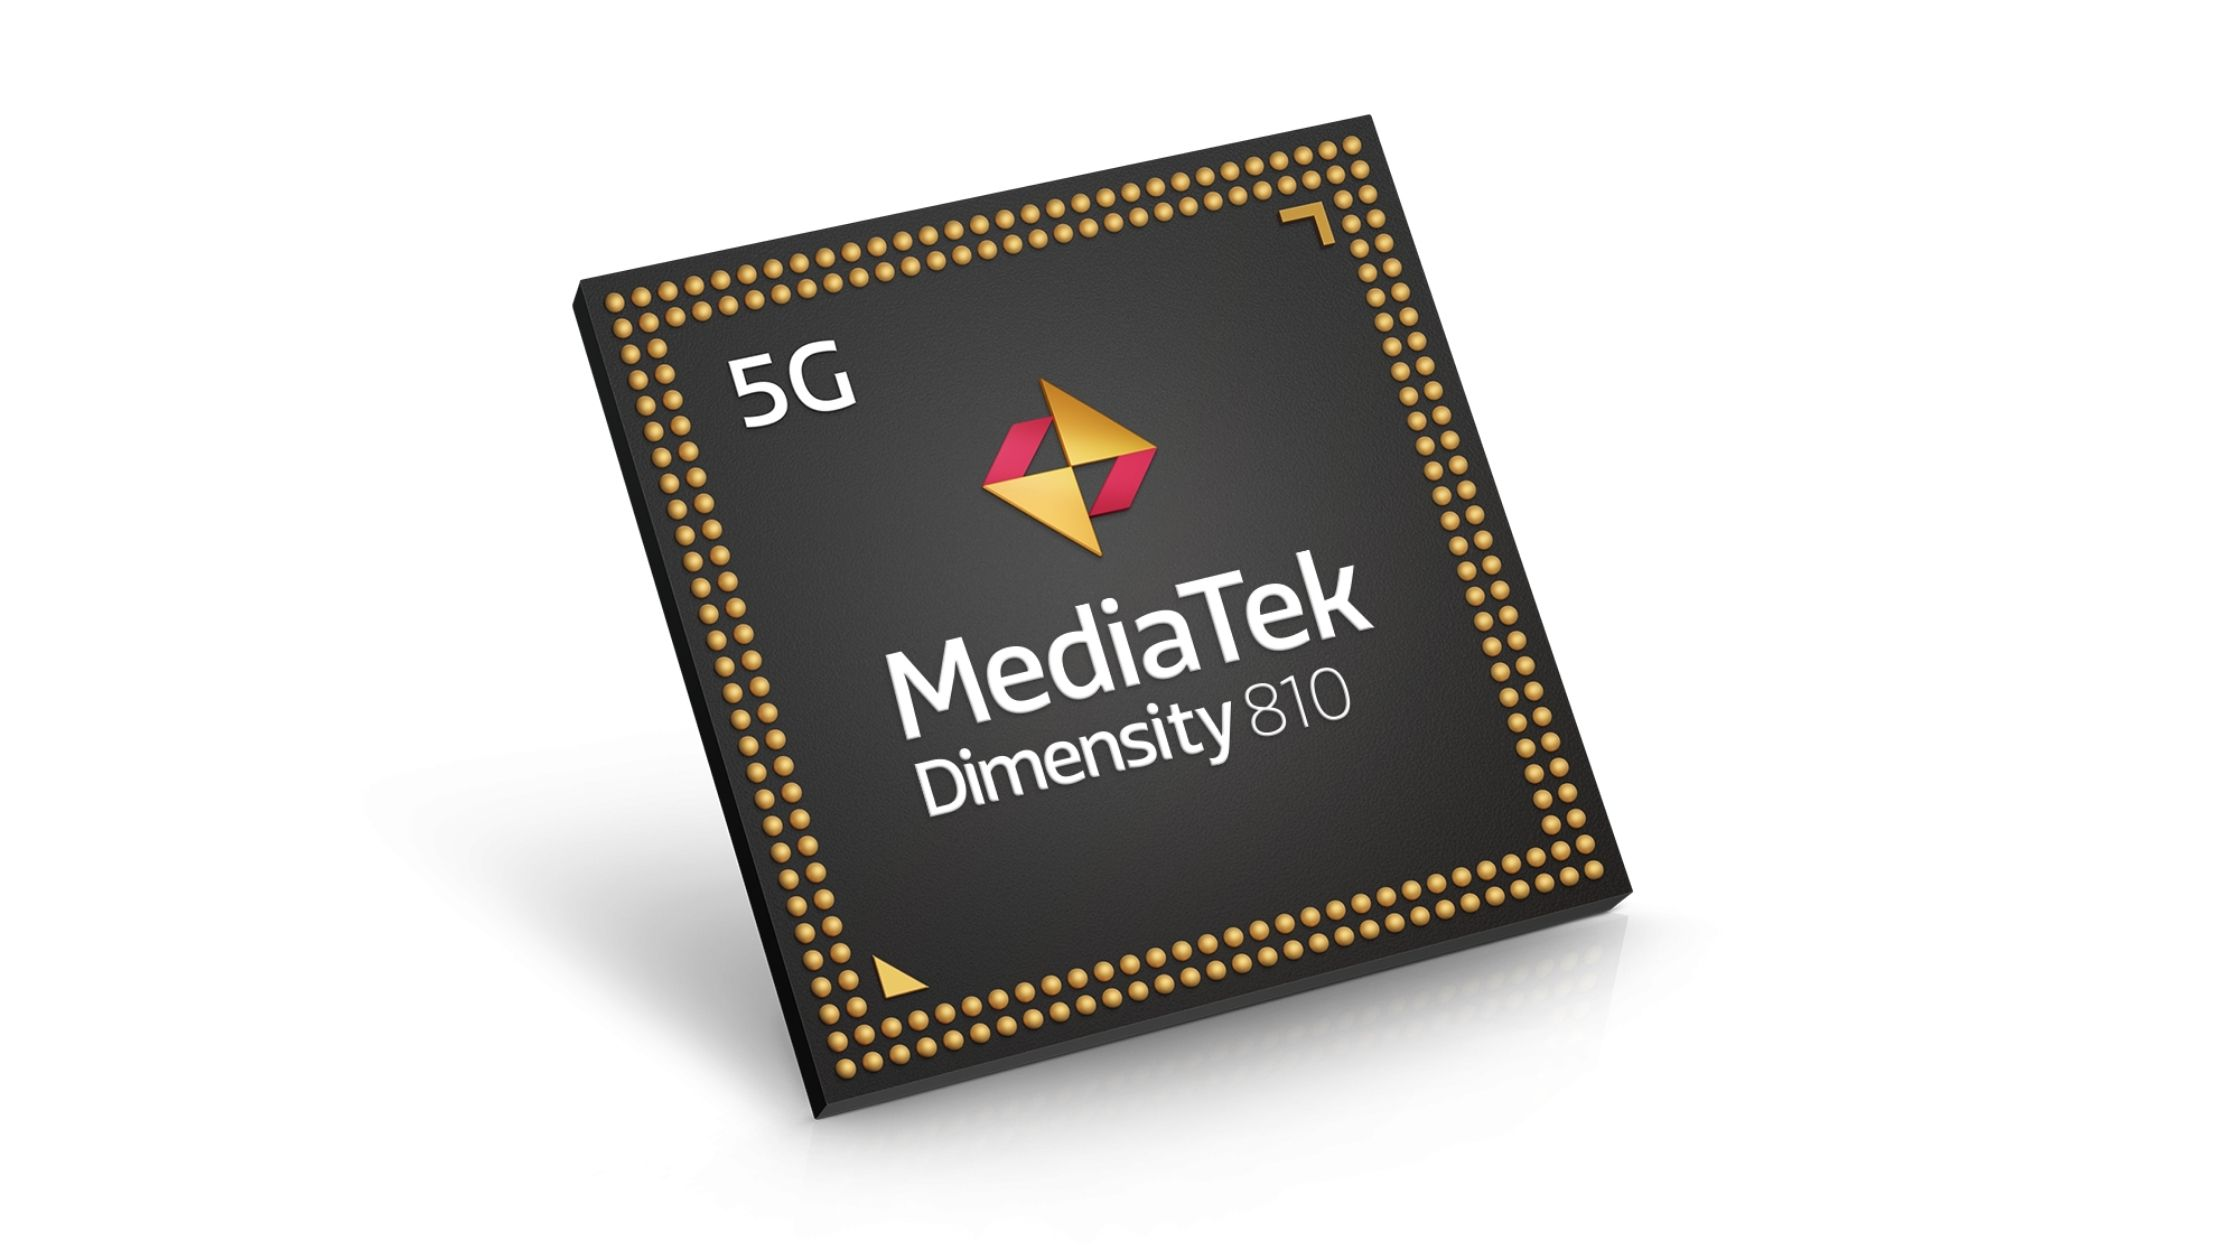 MediaTek Dimensity 810